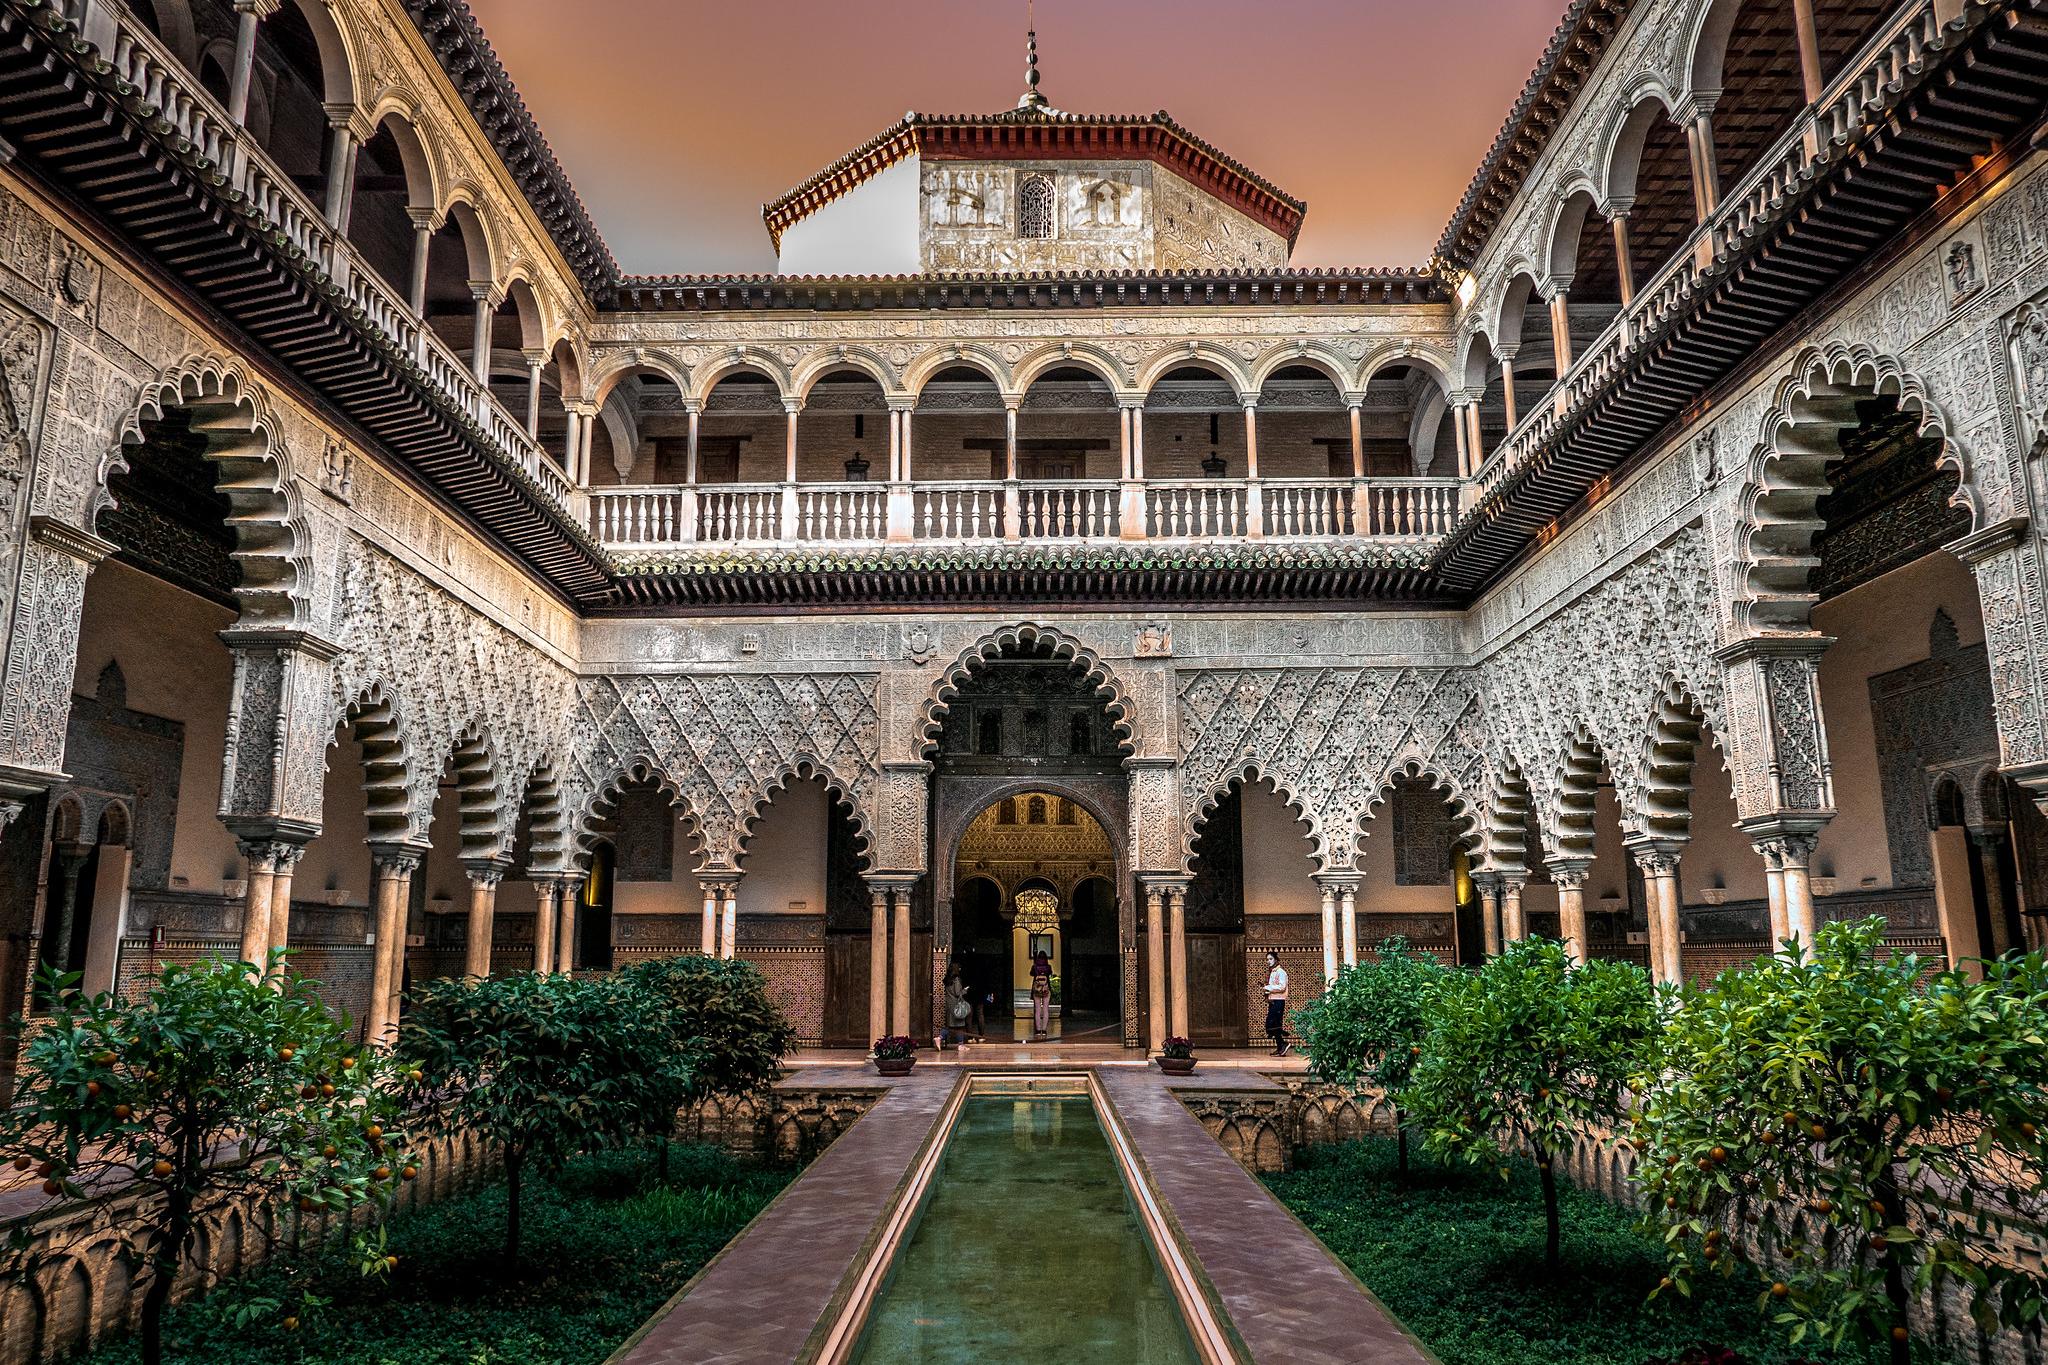 Guias em áudio do Alcázar Real de Sevilha